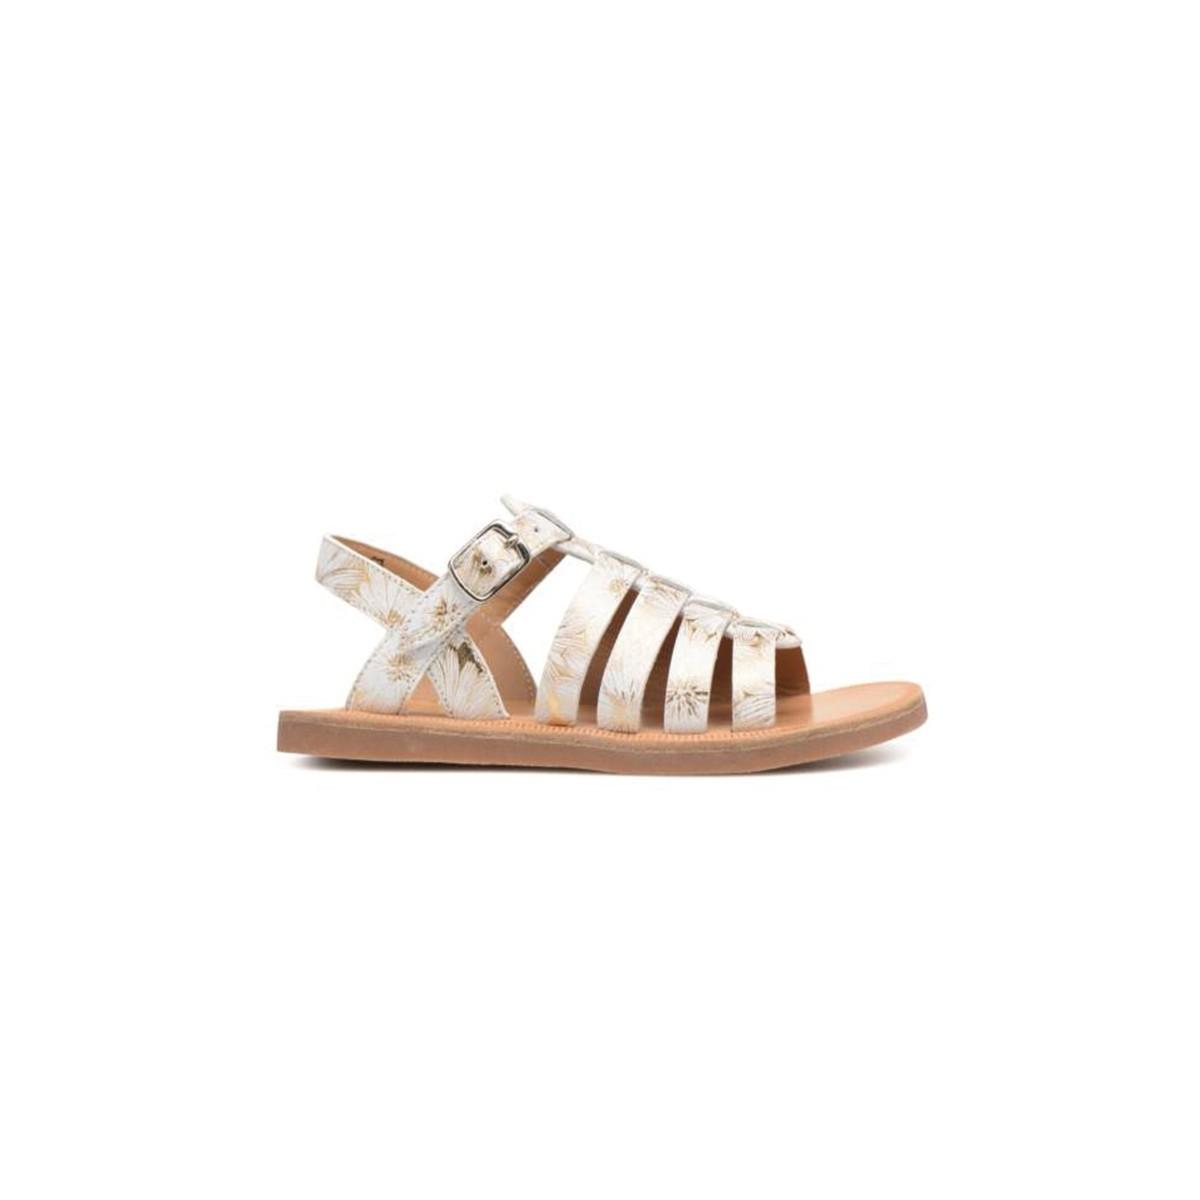 Sandale Plagette Strap Spring Or